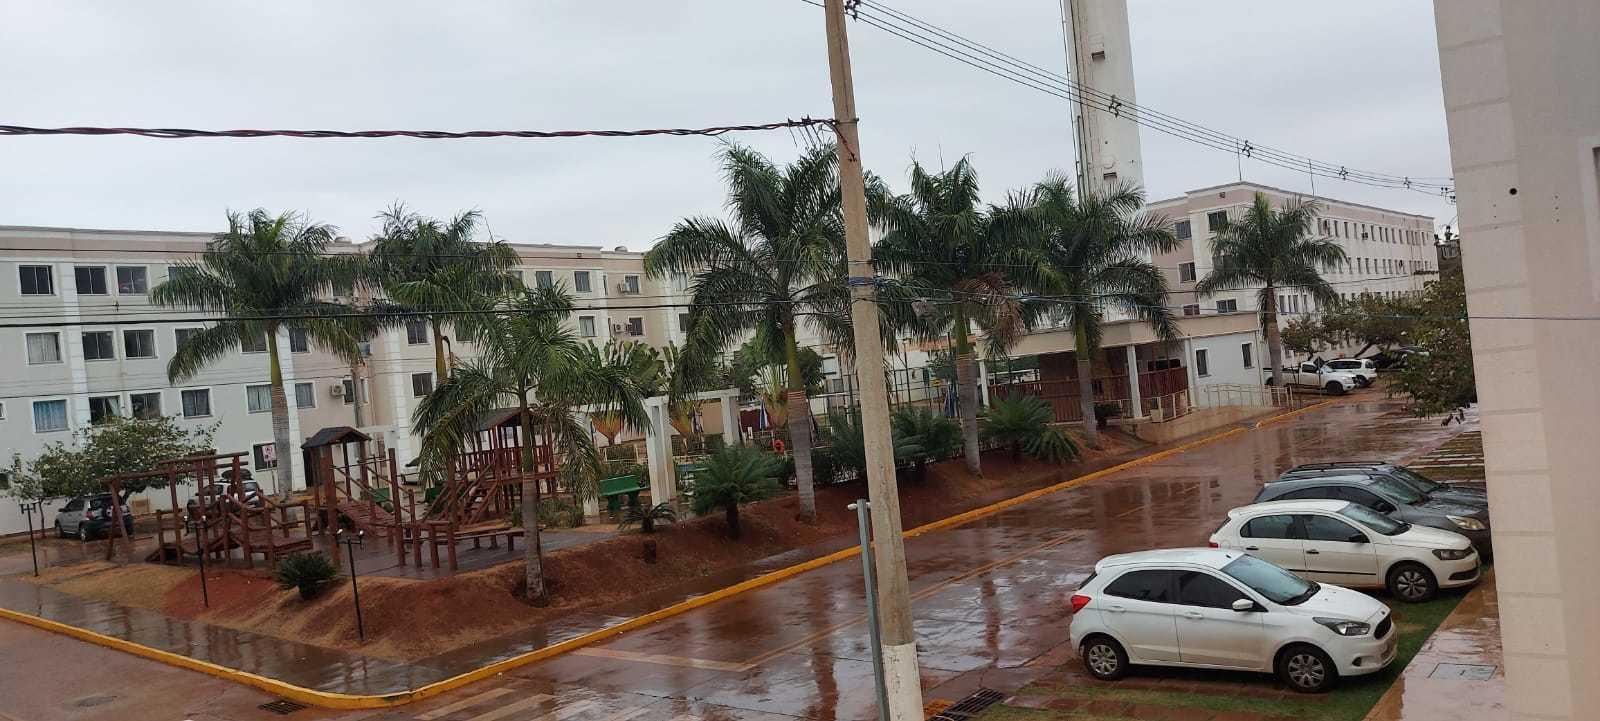 Estacionamento molhado e céu fechado na região do Pioneiros, sul da Capital (Foto: Direto das Ruas)